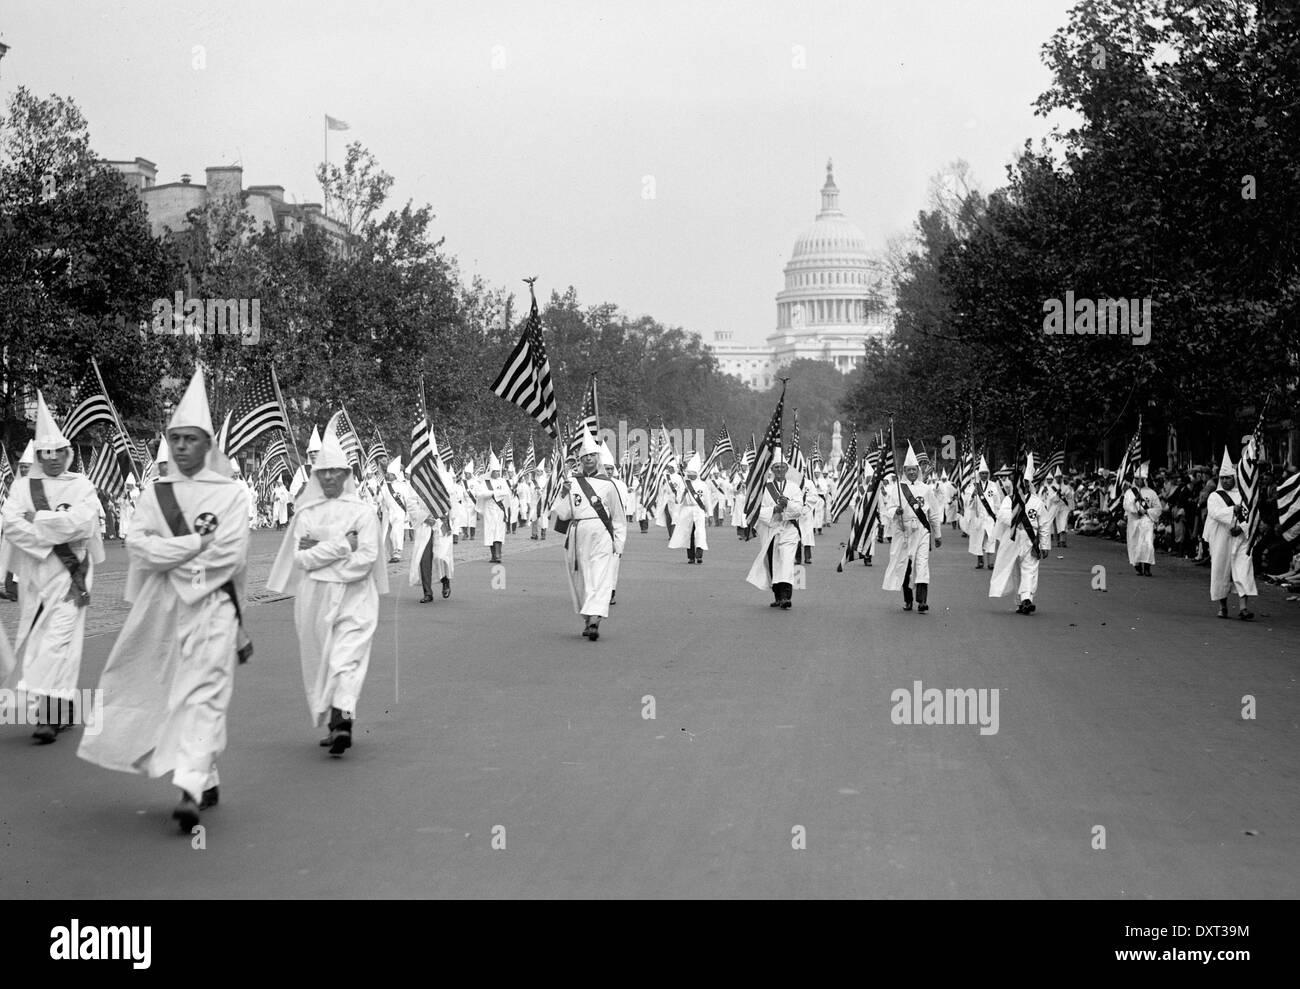 Ku Klux Klan parade, Washington DC, United States of America - Stock Image